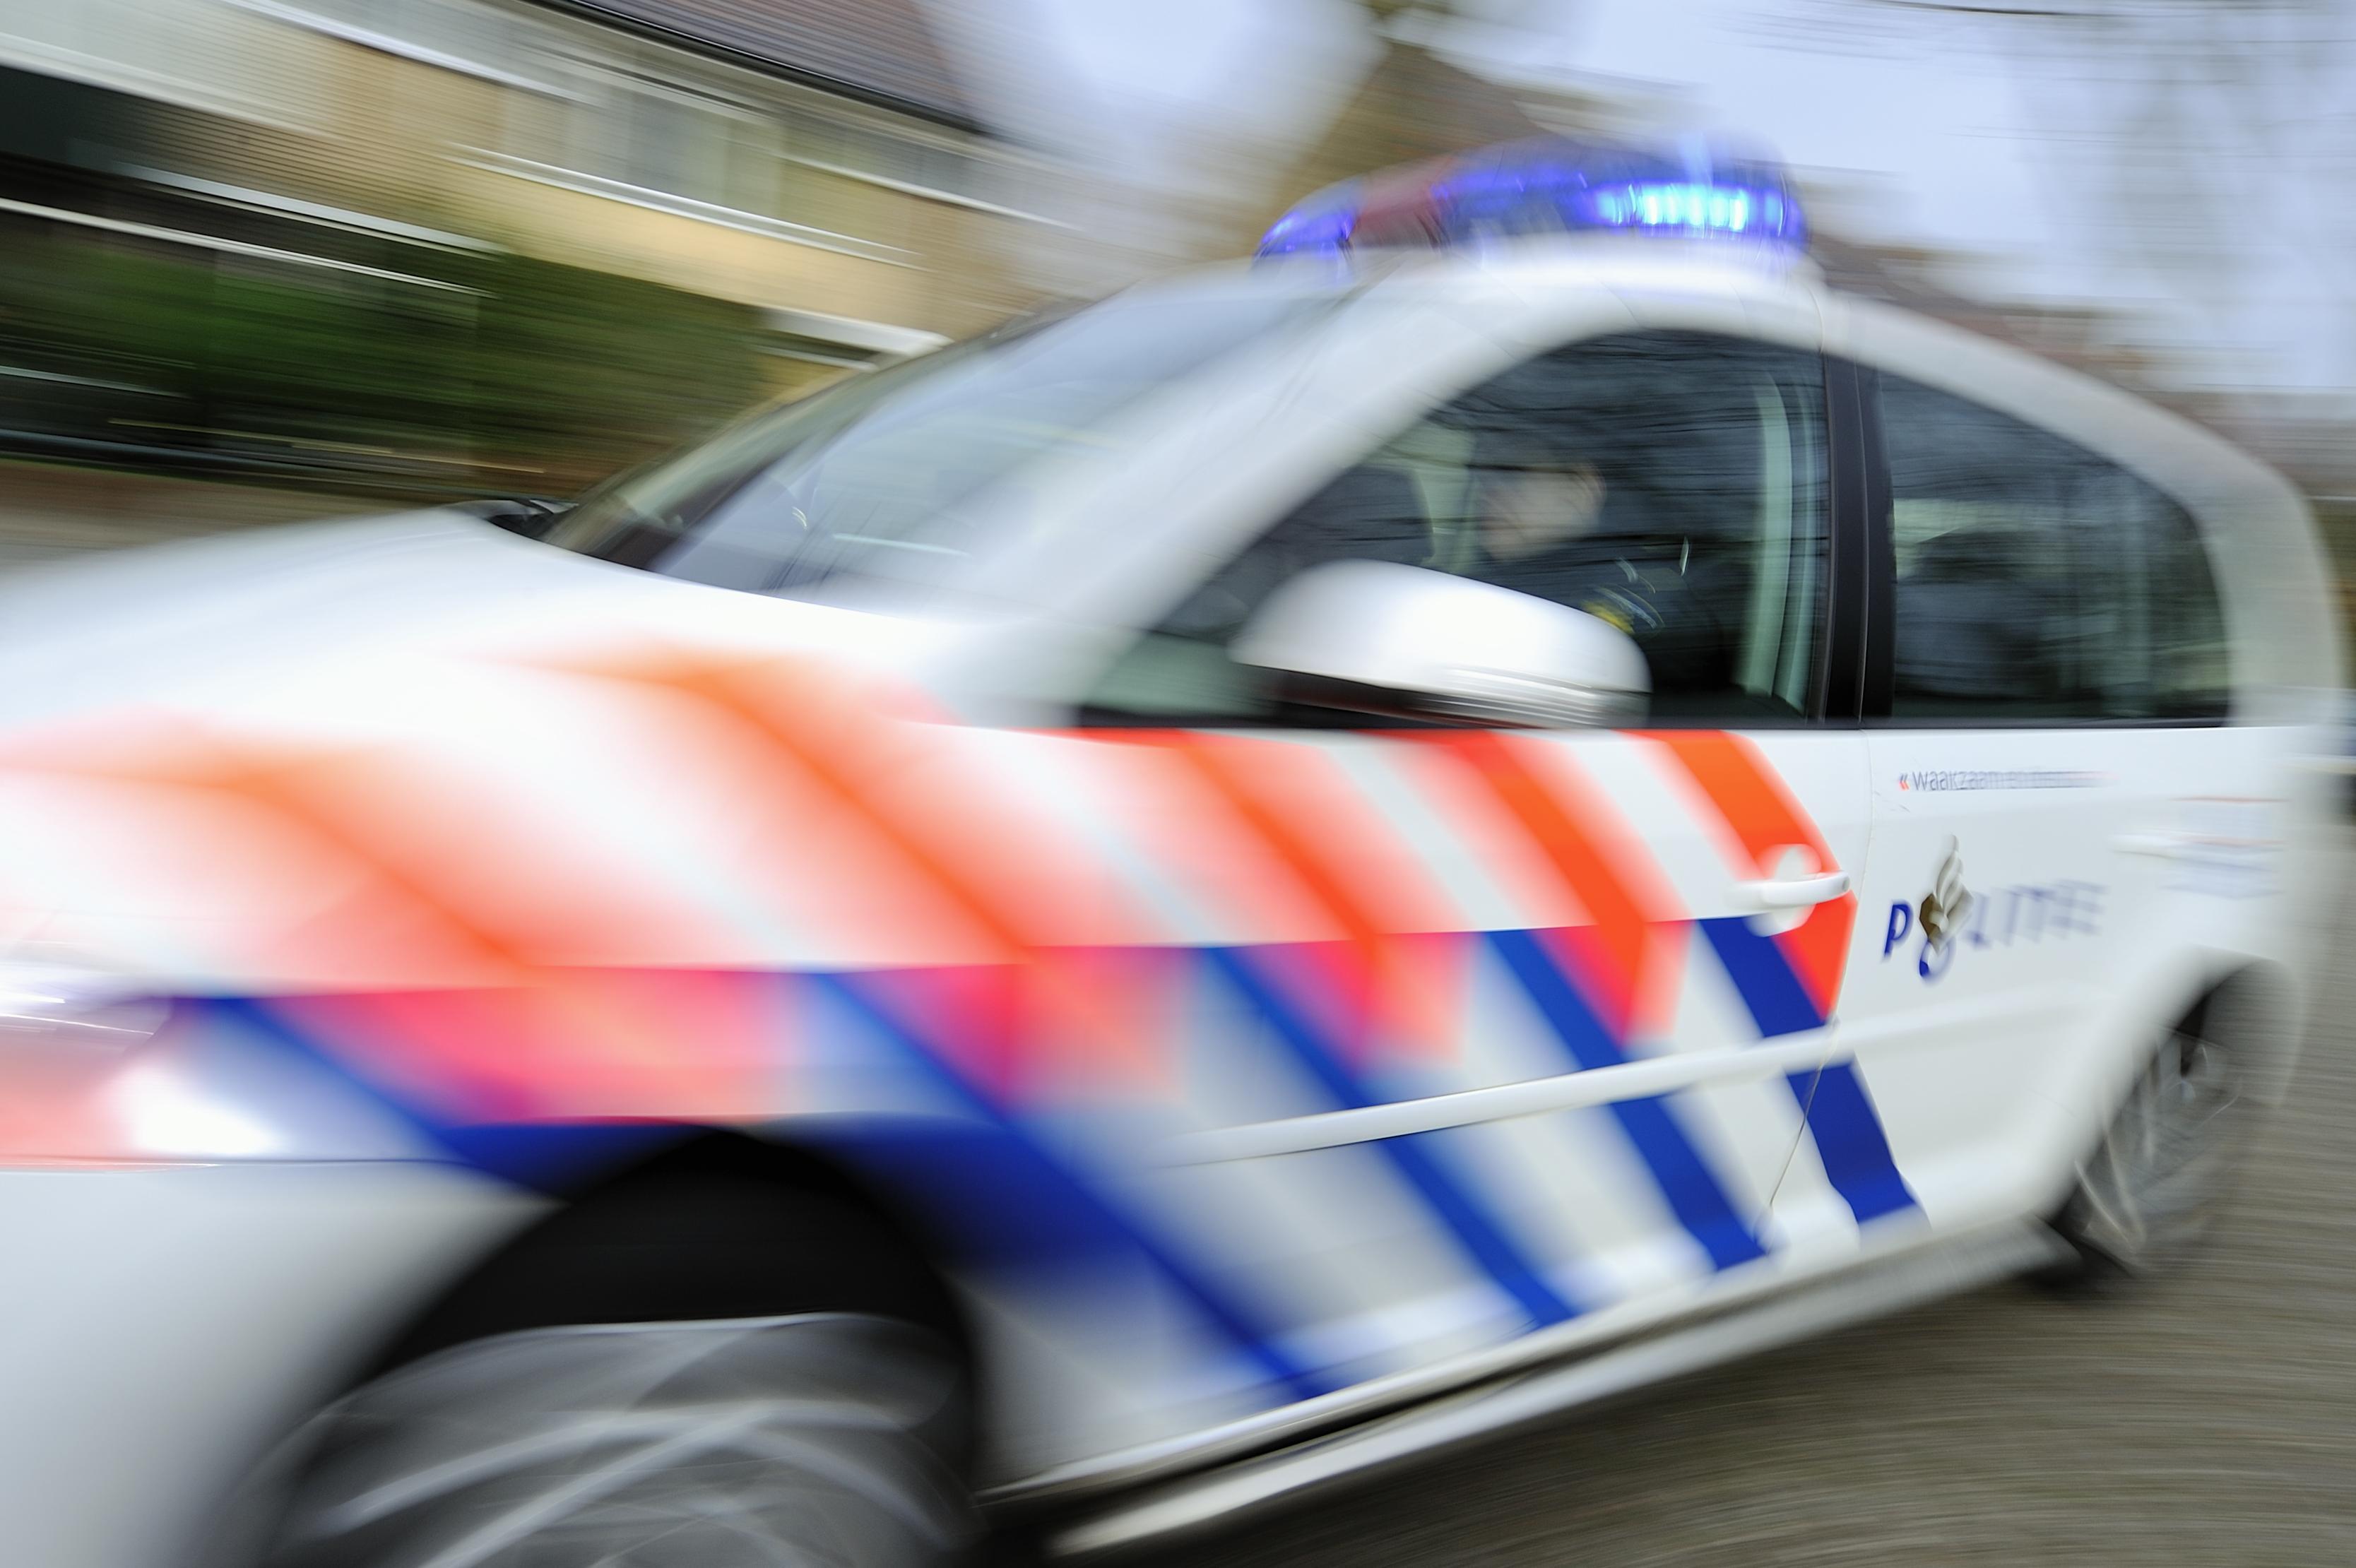 Illegaal jongerenfeest op sloot in Westzaan beëindigd; 'Iedereen stoof uiteen toen de politie arriveerde'